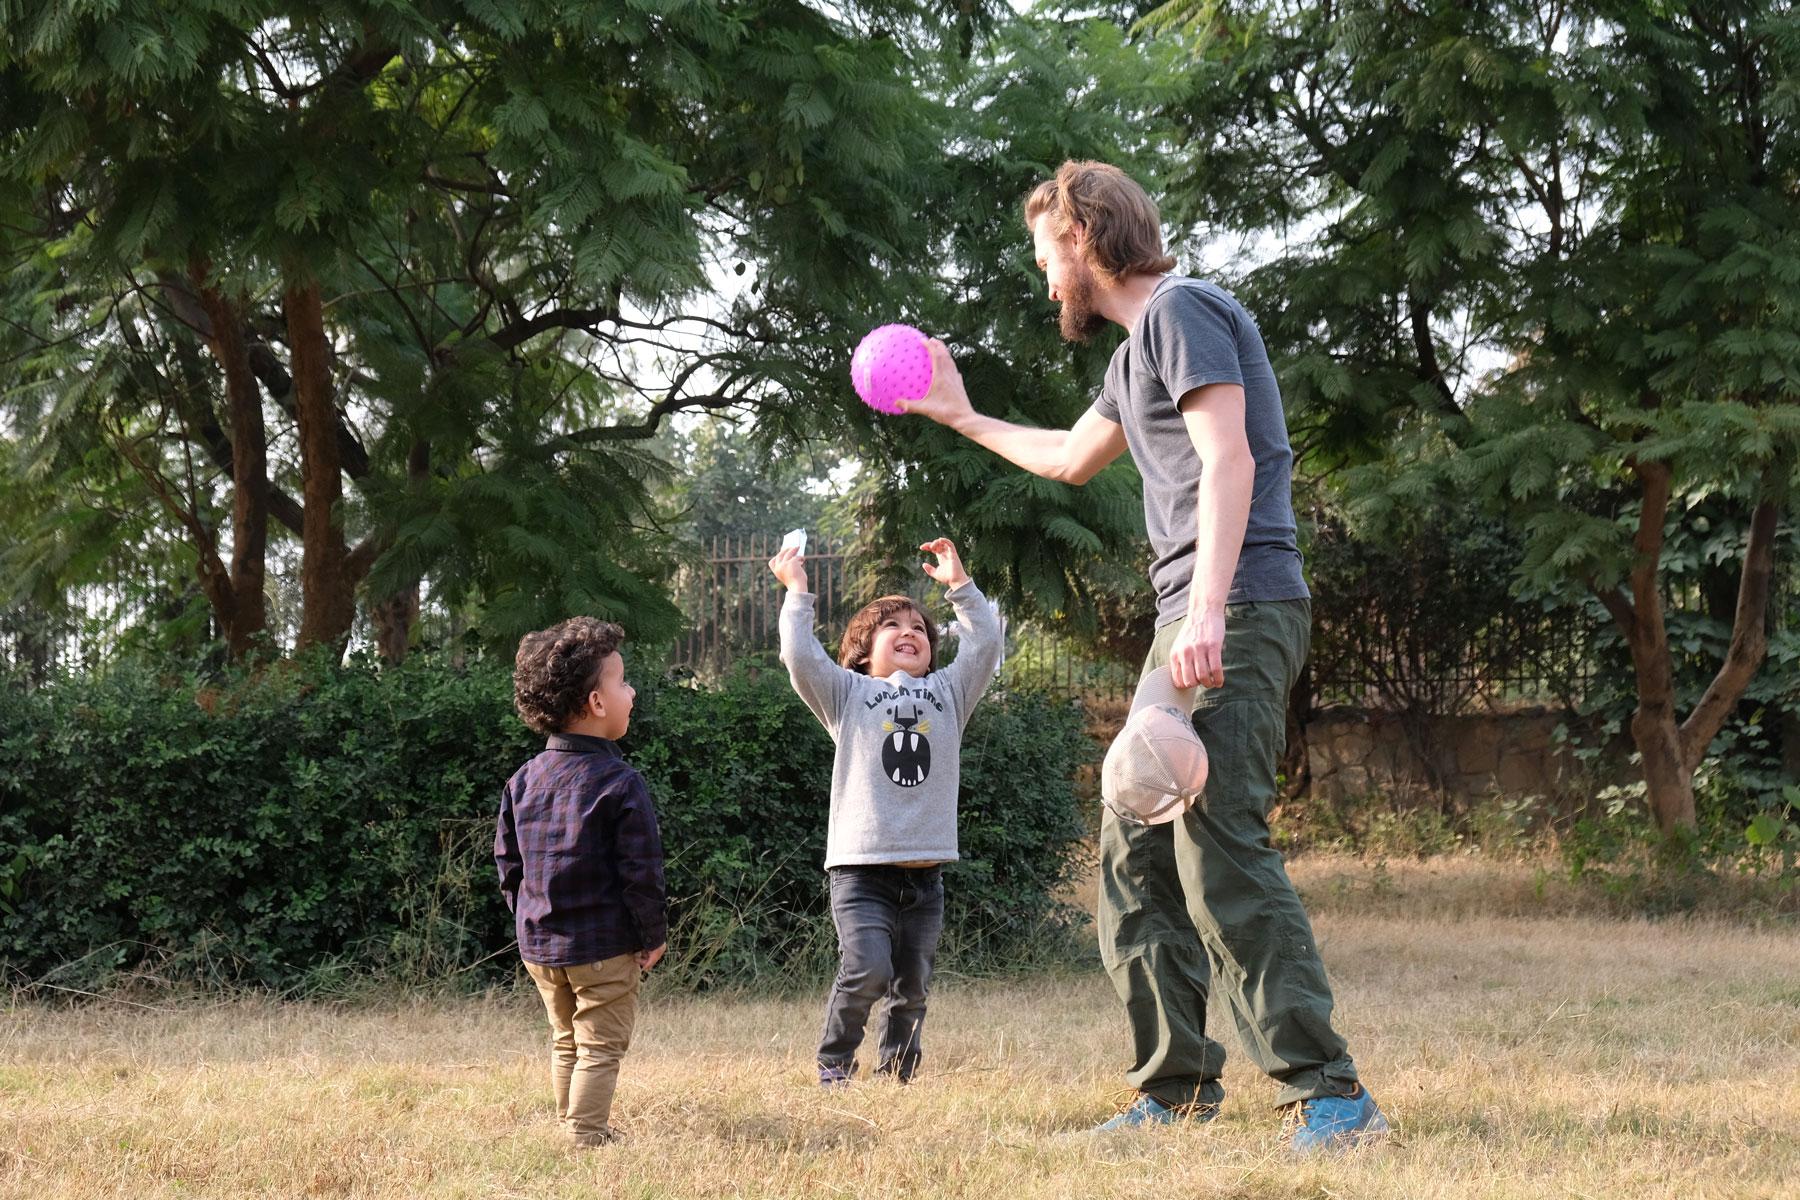 Sebastian spielt Ball mit zwei Jungen in einem Park in Islamabad.